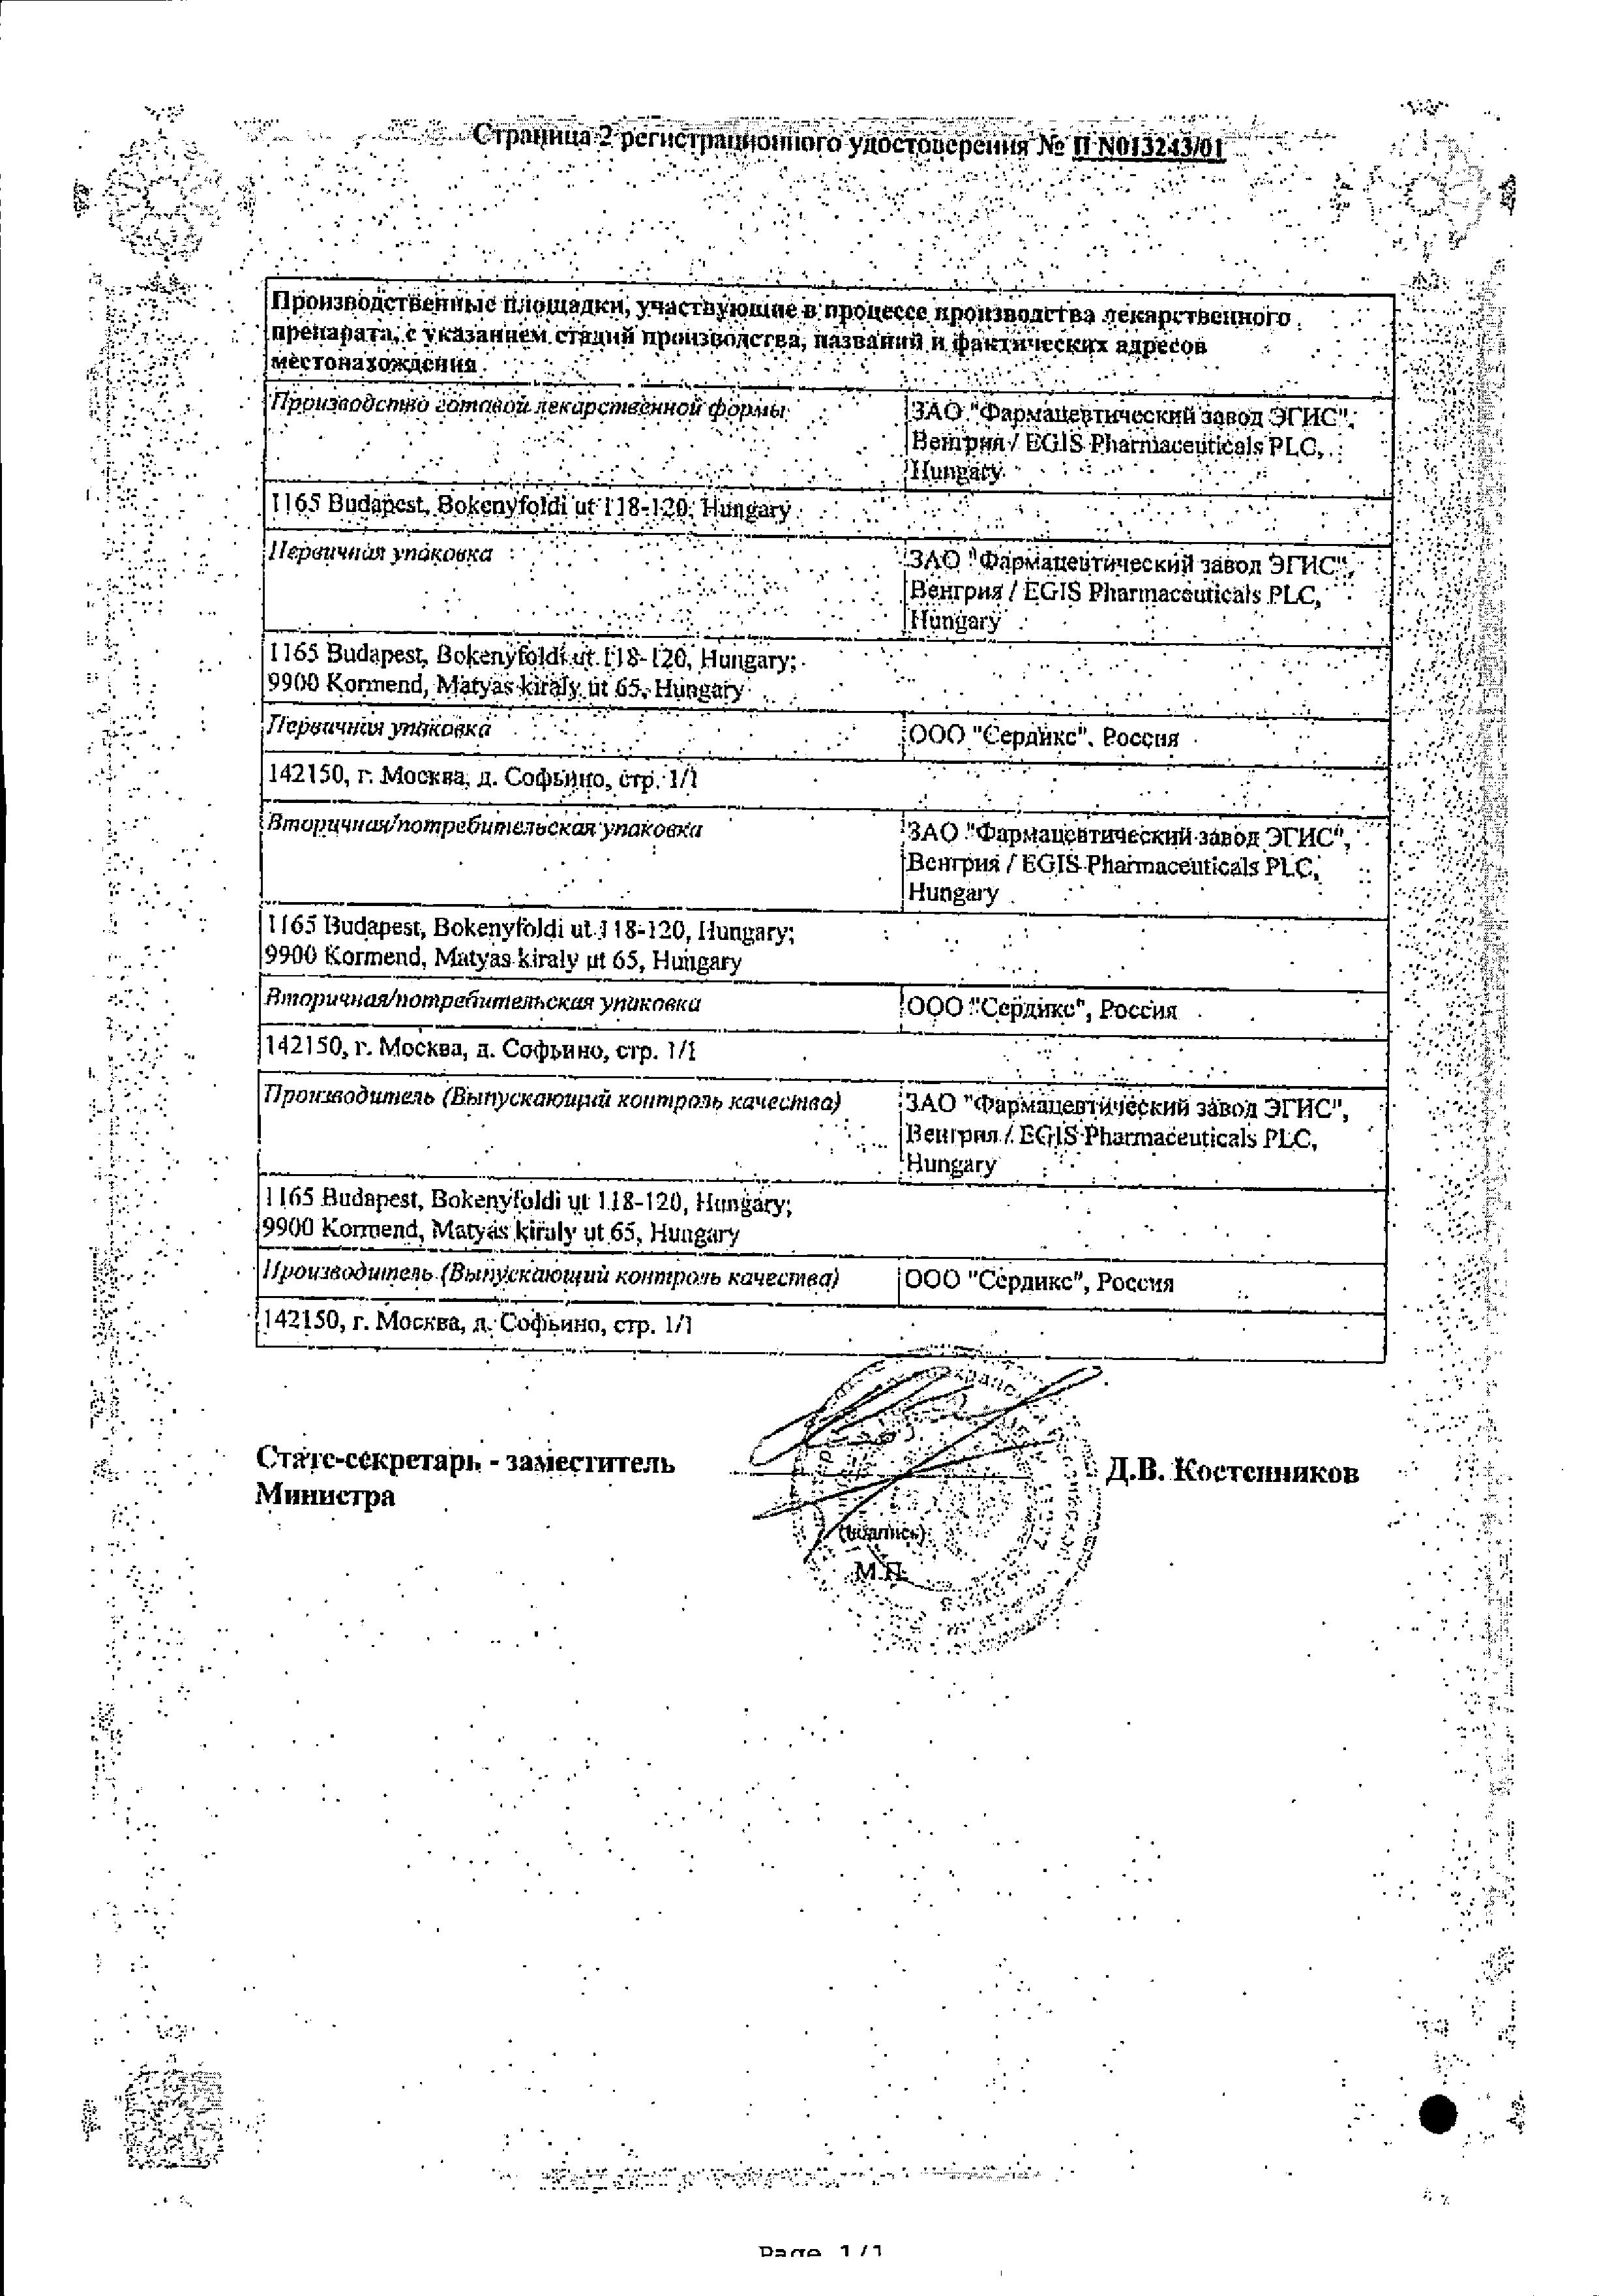 Грандаксин сертификат